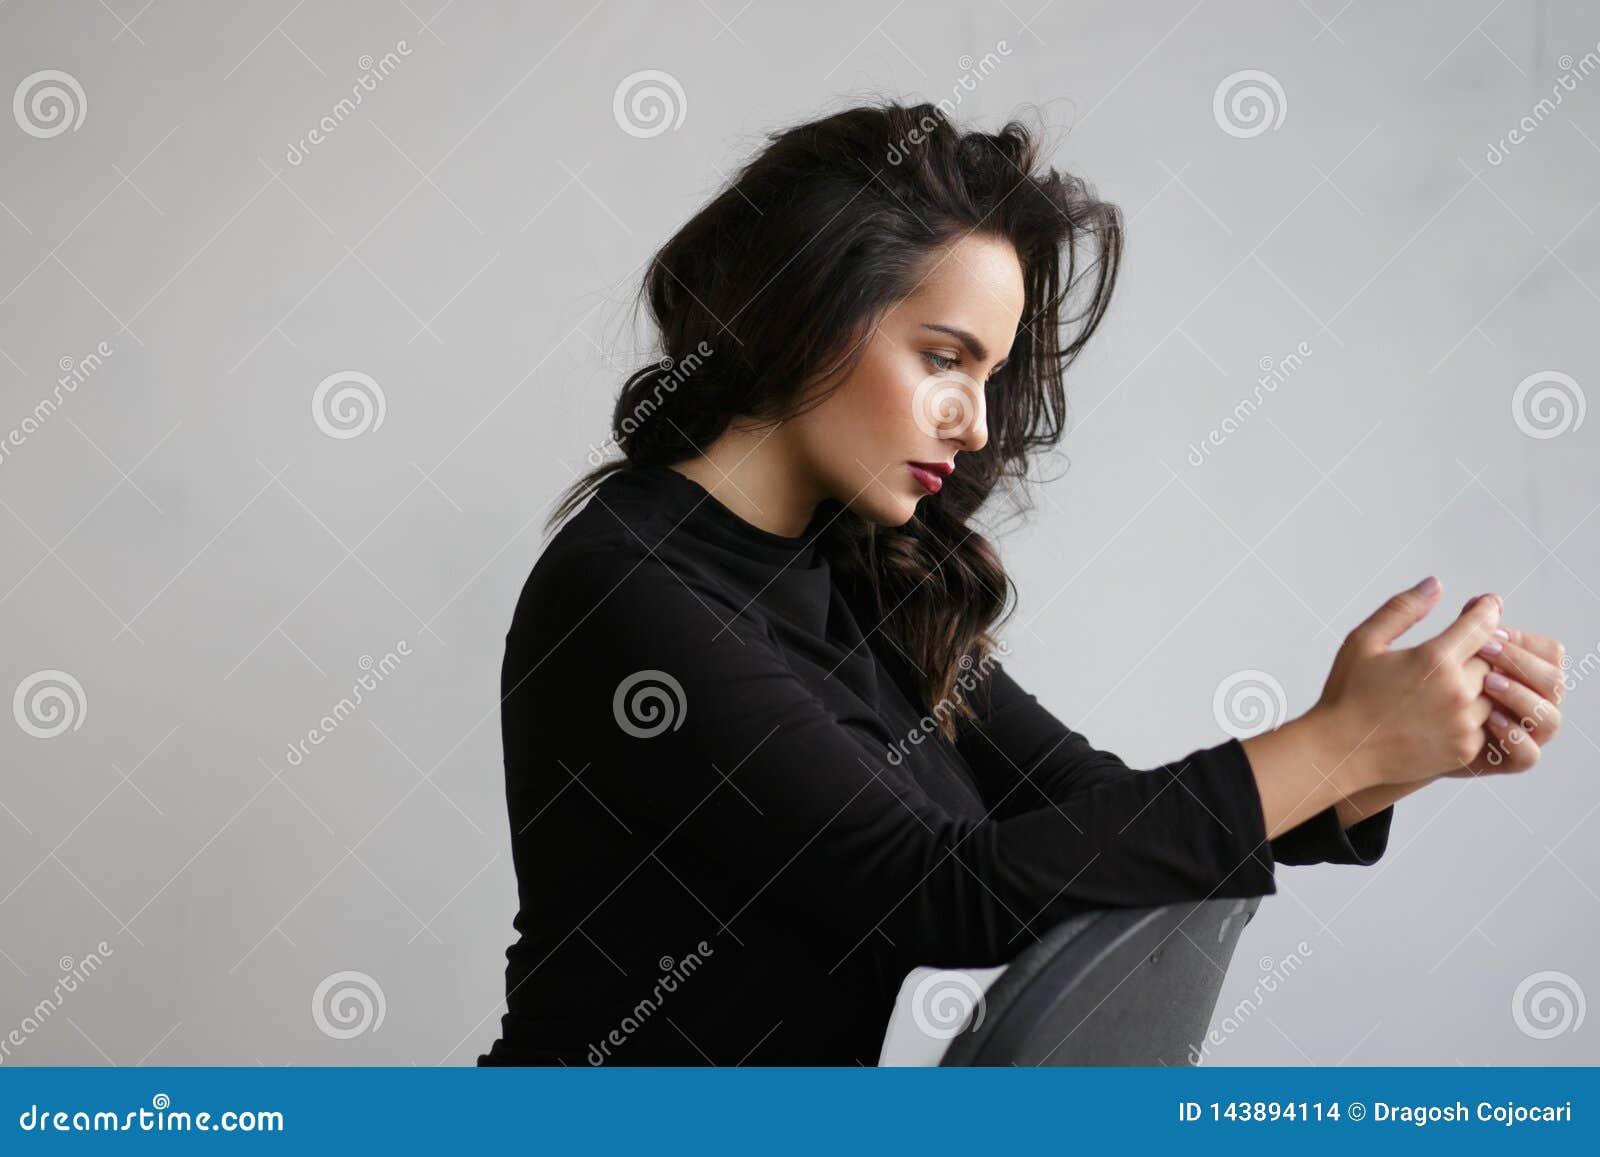 Profilowy portret piękna zadumana kobieta w czerni sadzającym na krześle w studiu, na popielatym tle